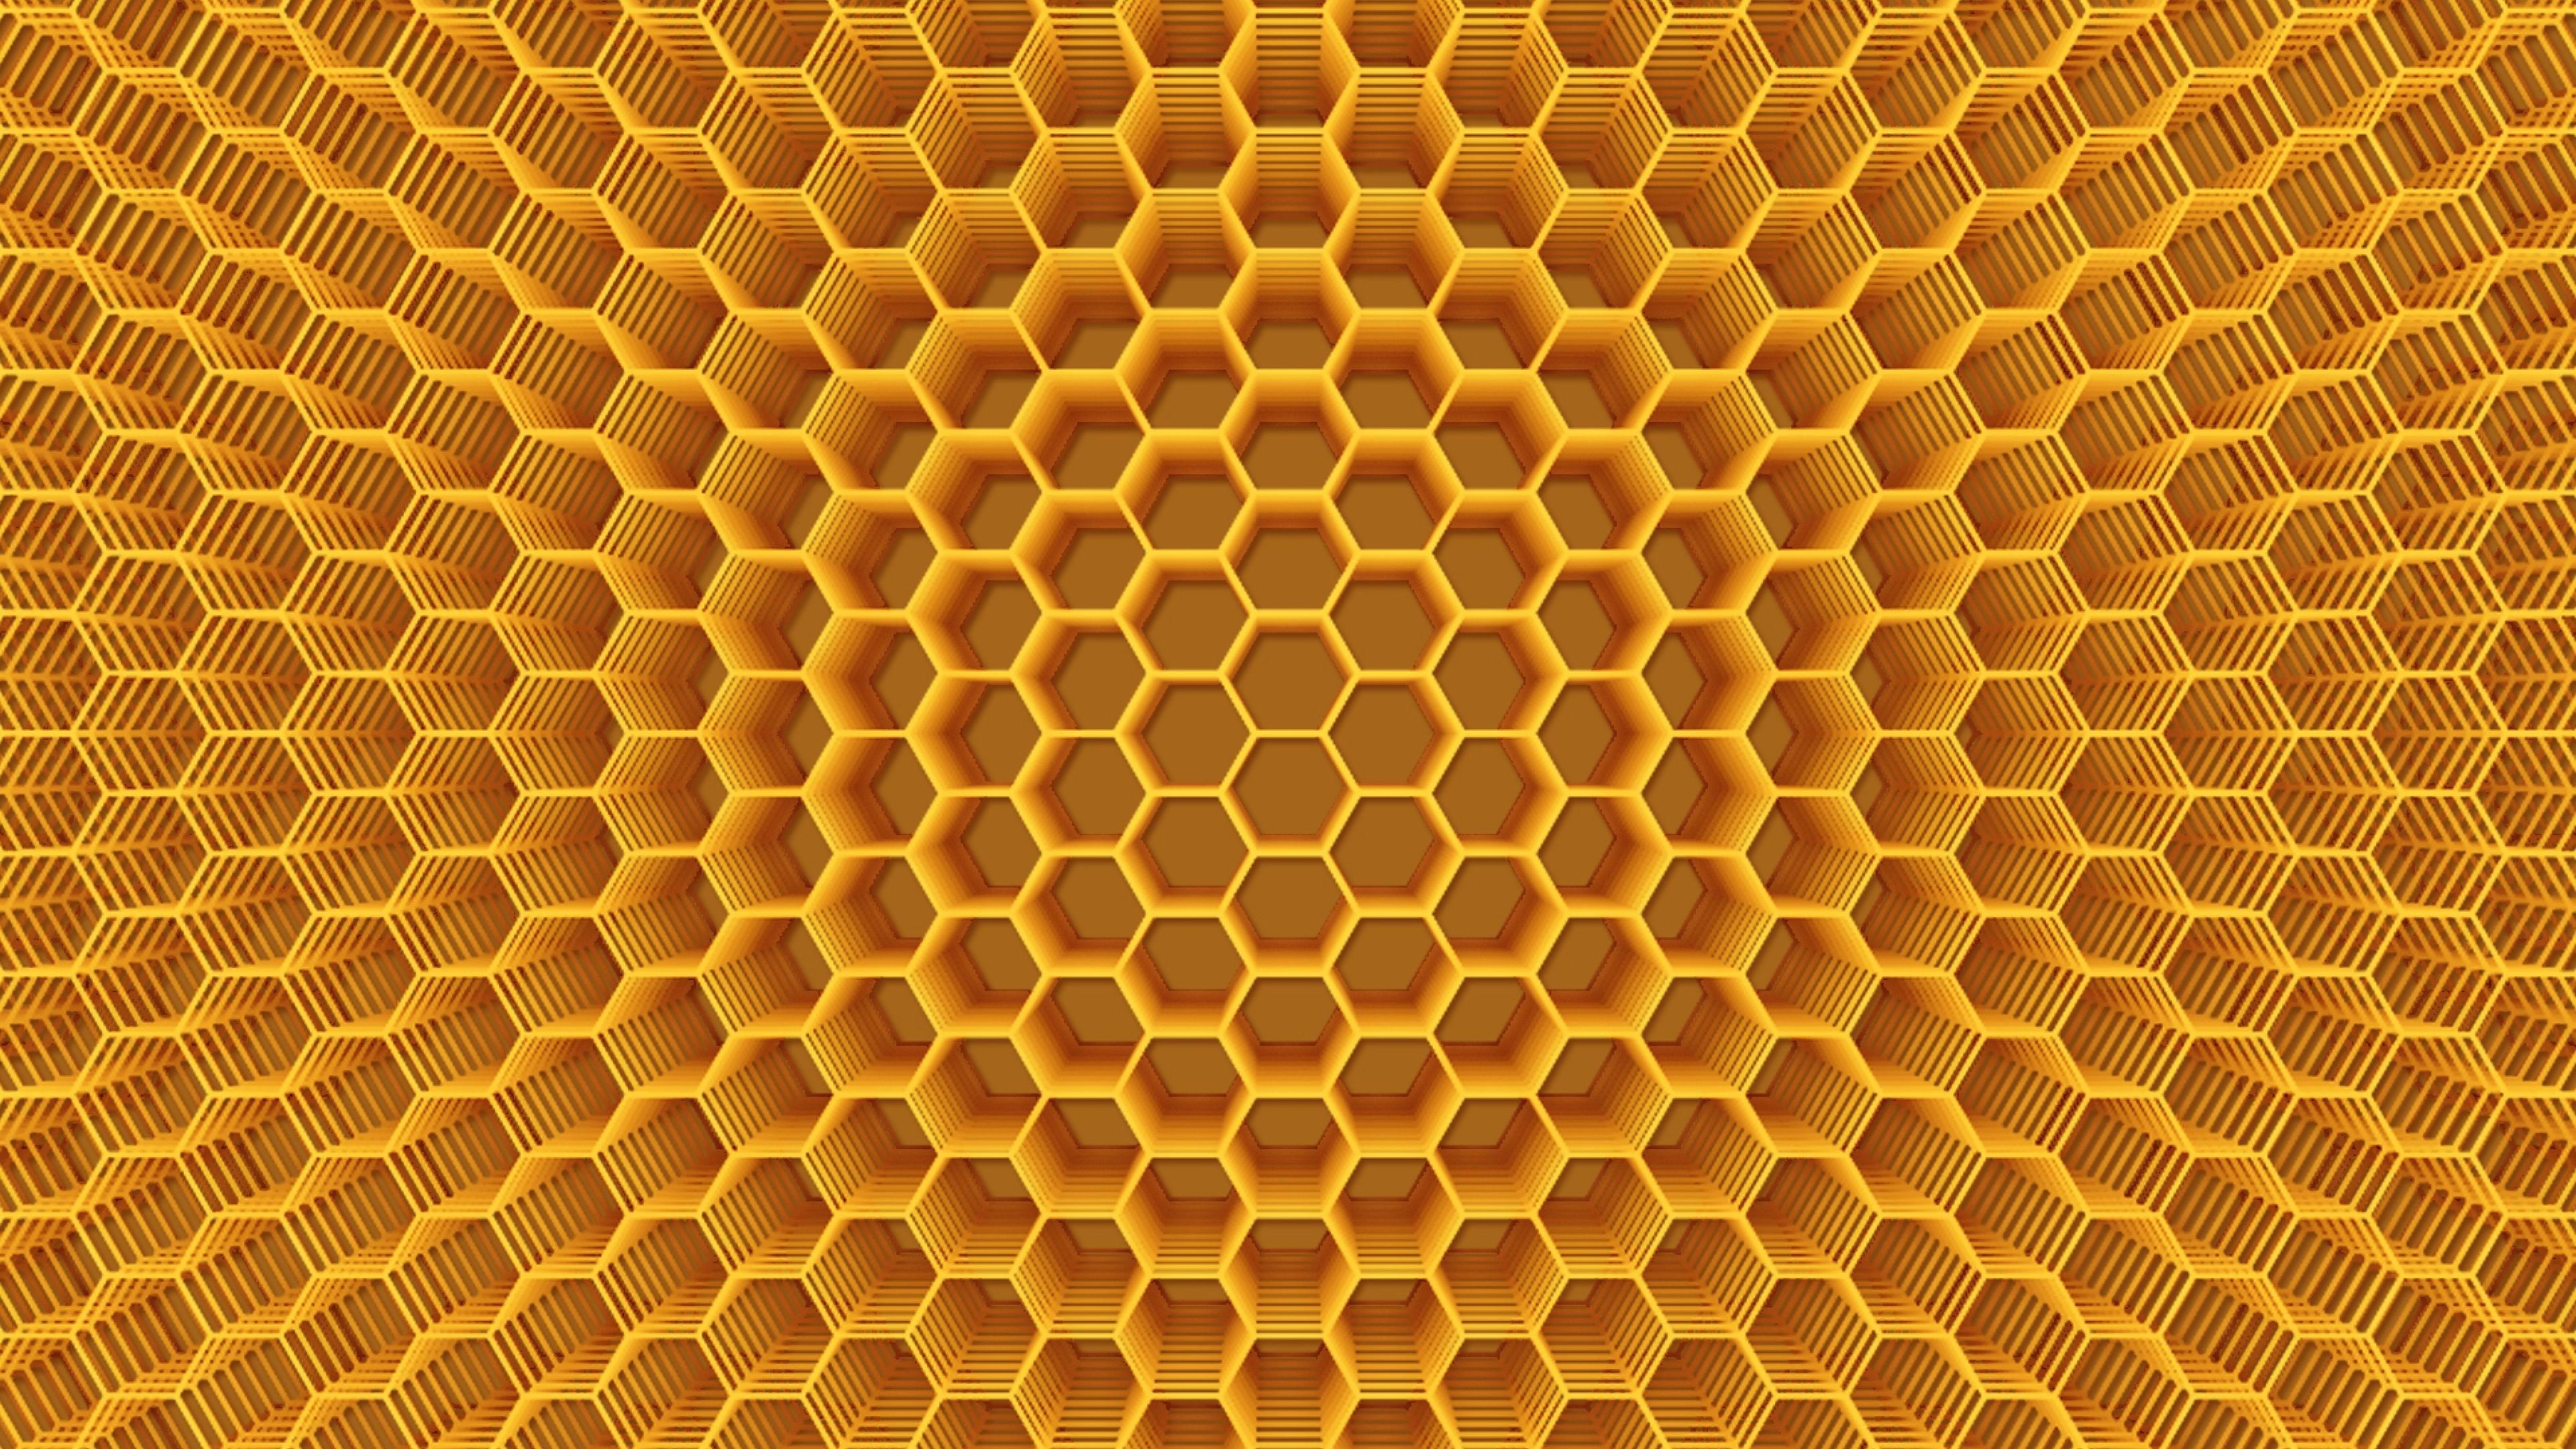 3D honeycomb wallpaper